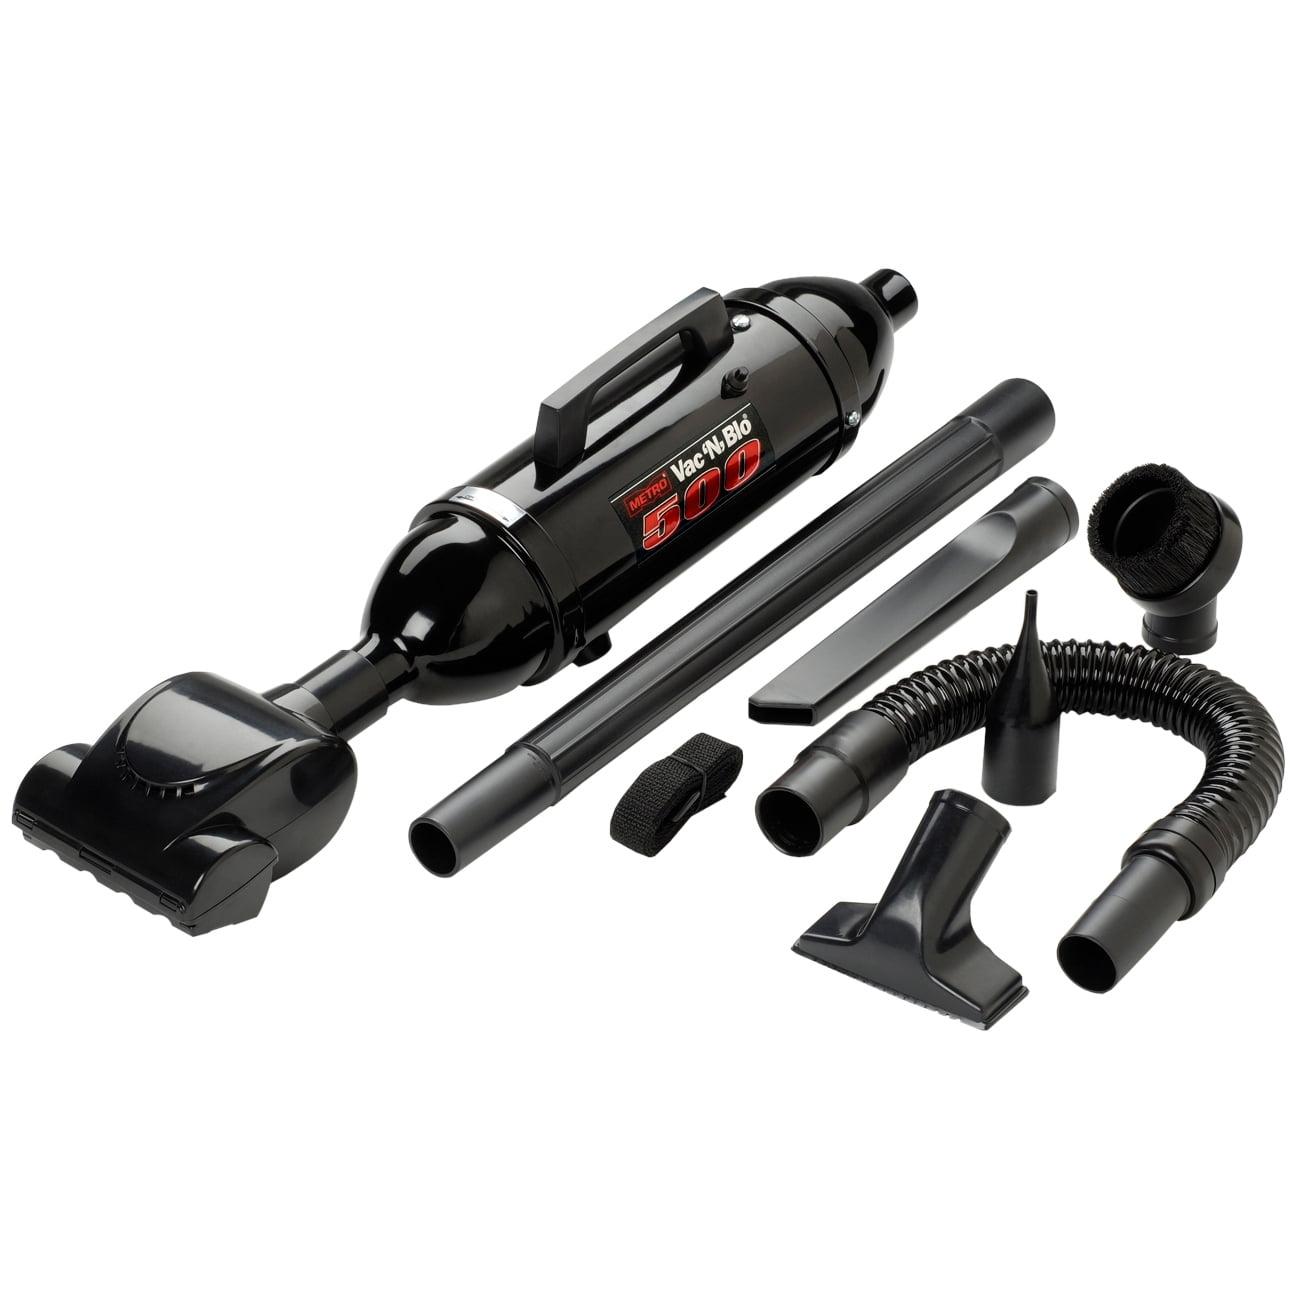 Metropolitan Vacuum Cleaner Co VM12500 Vac N Blo Jr. Vac blower Accs 500 Watt 120v Power... by Metropolitan Vacuum Cleaner Co